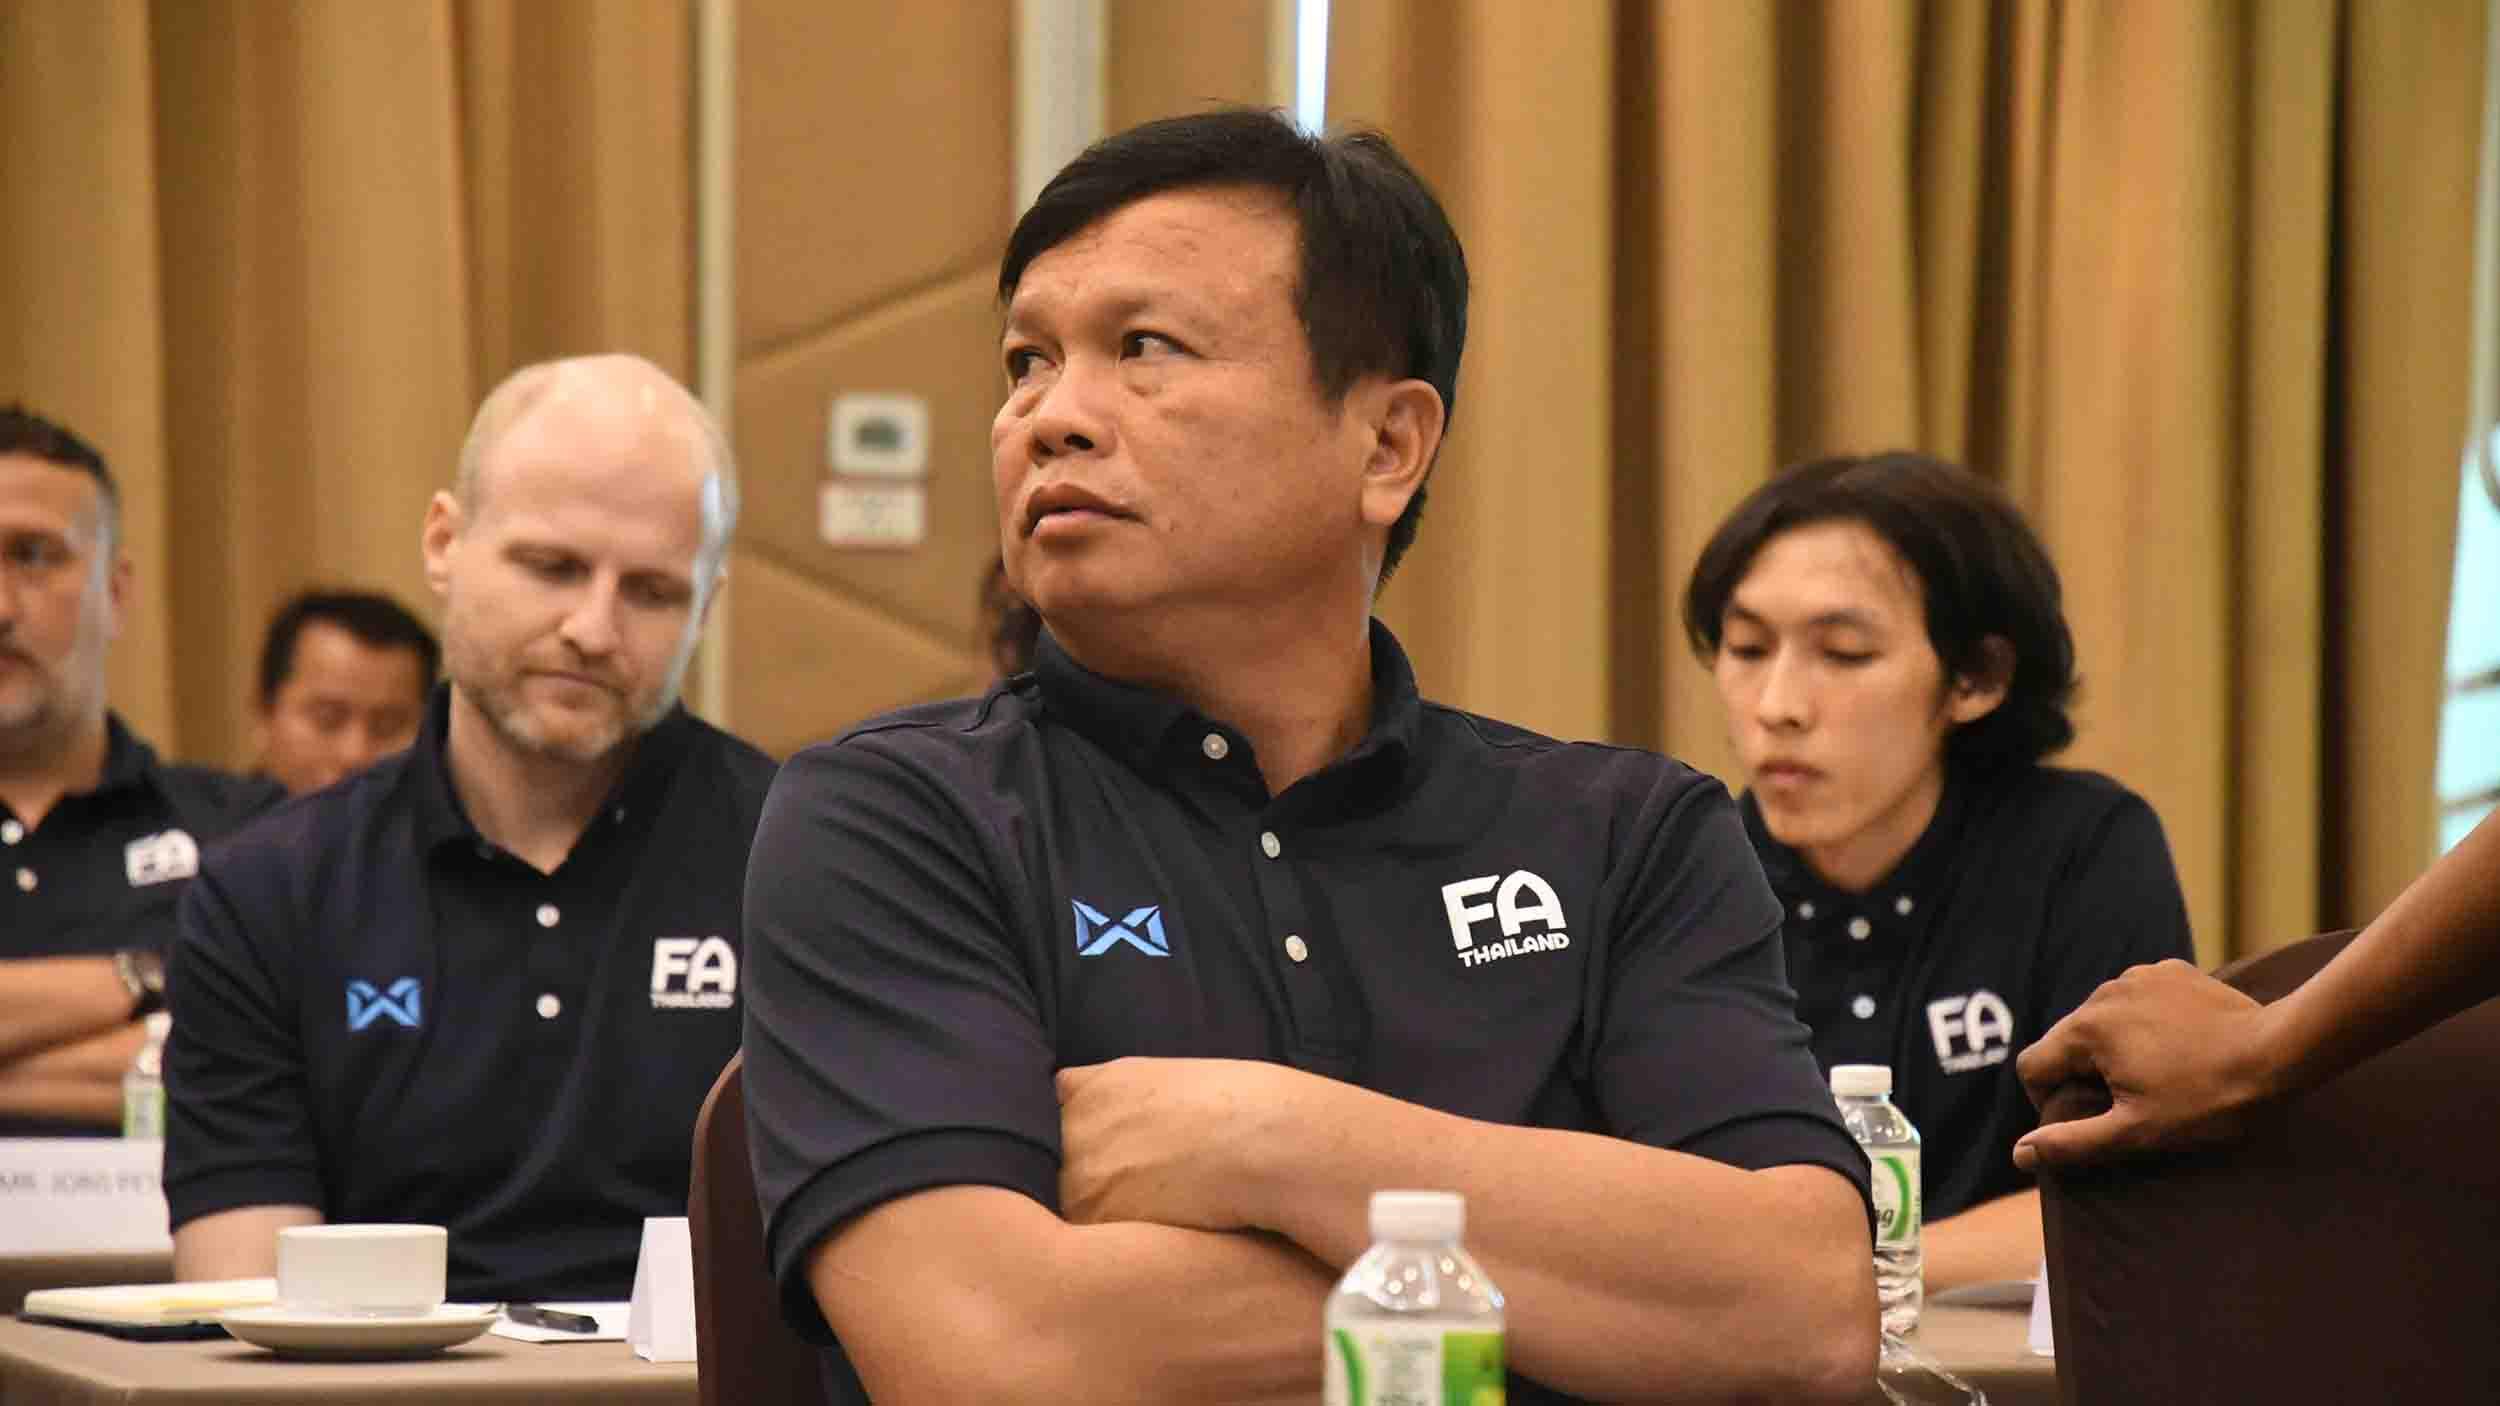 ศิริศักดิ์ ยอดญาติไทย สมาคมกีฬาฟุตบอลแห่งประเทศไทย